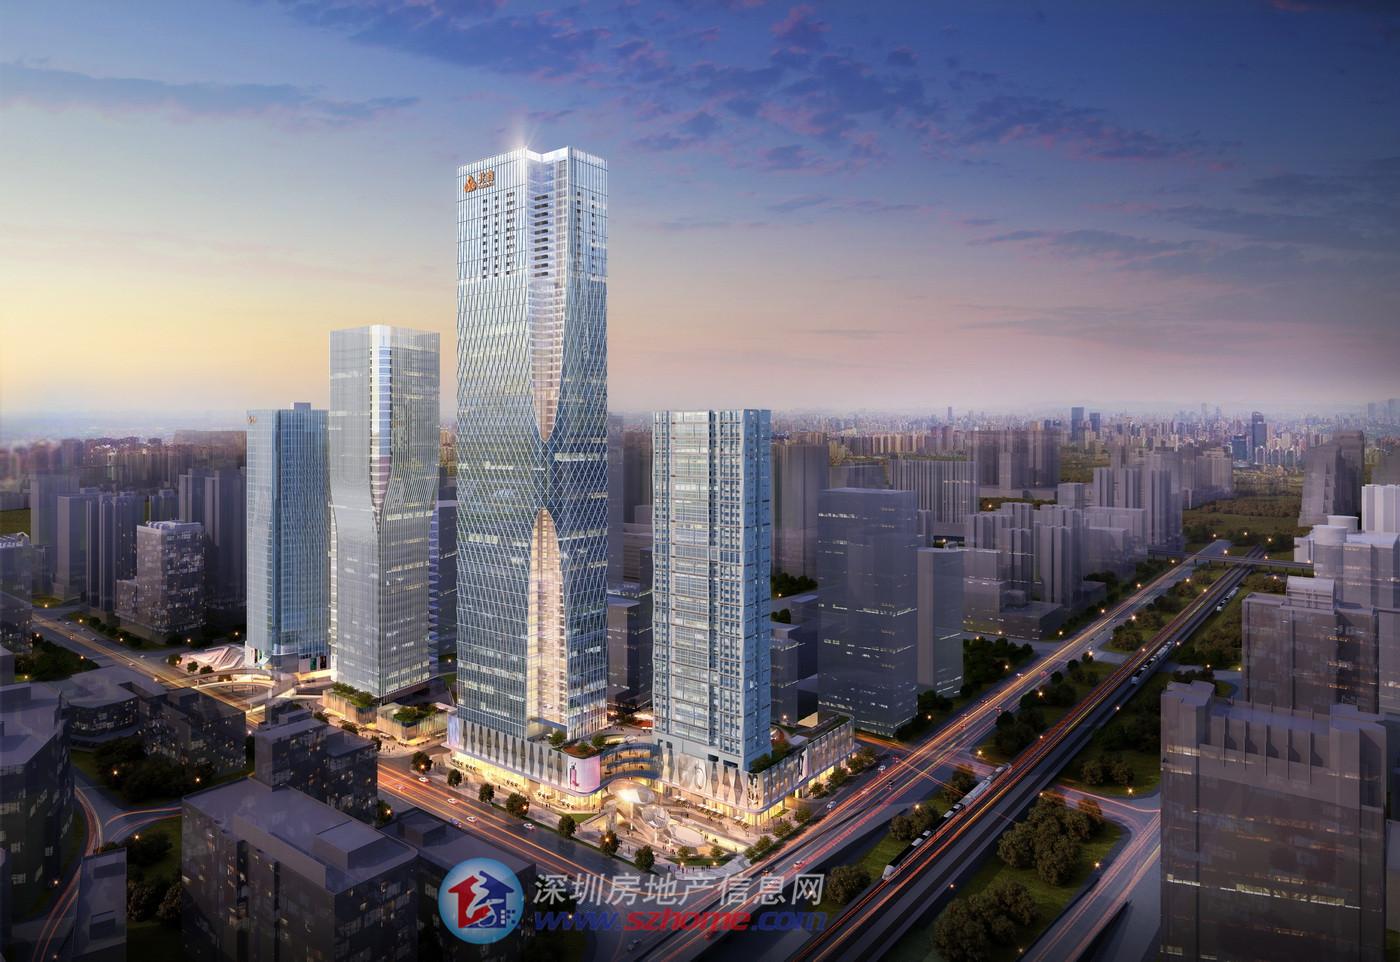 兆鑫汇金广场-深圳房地产信息网